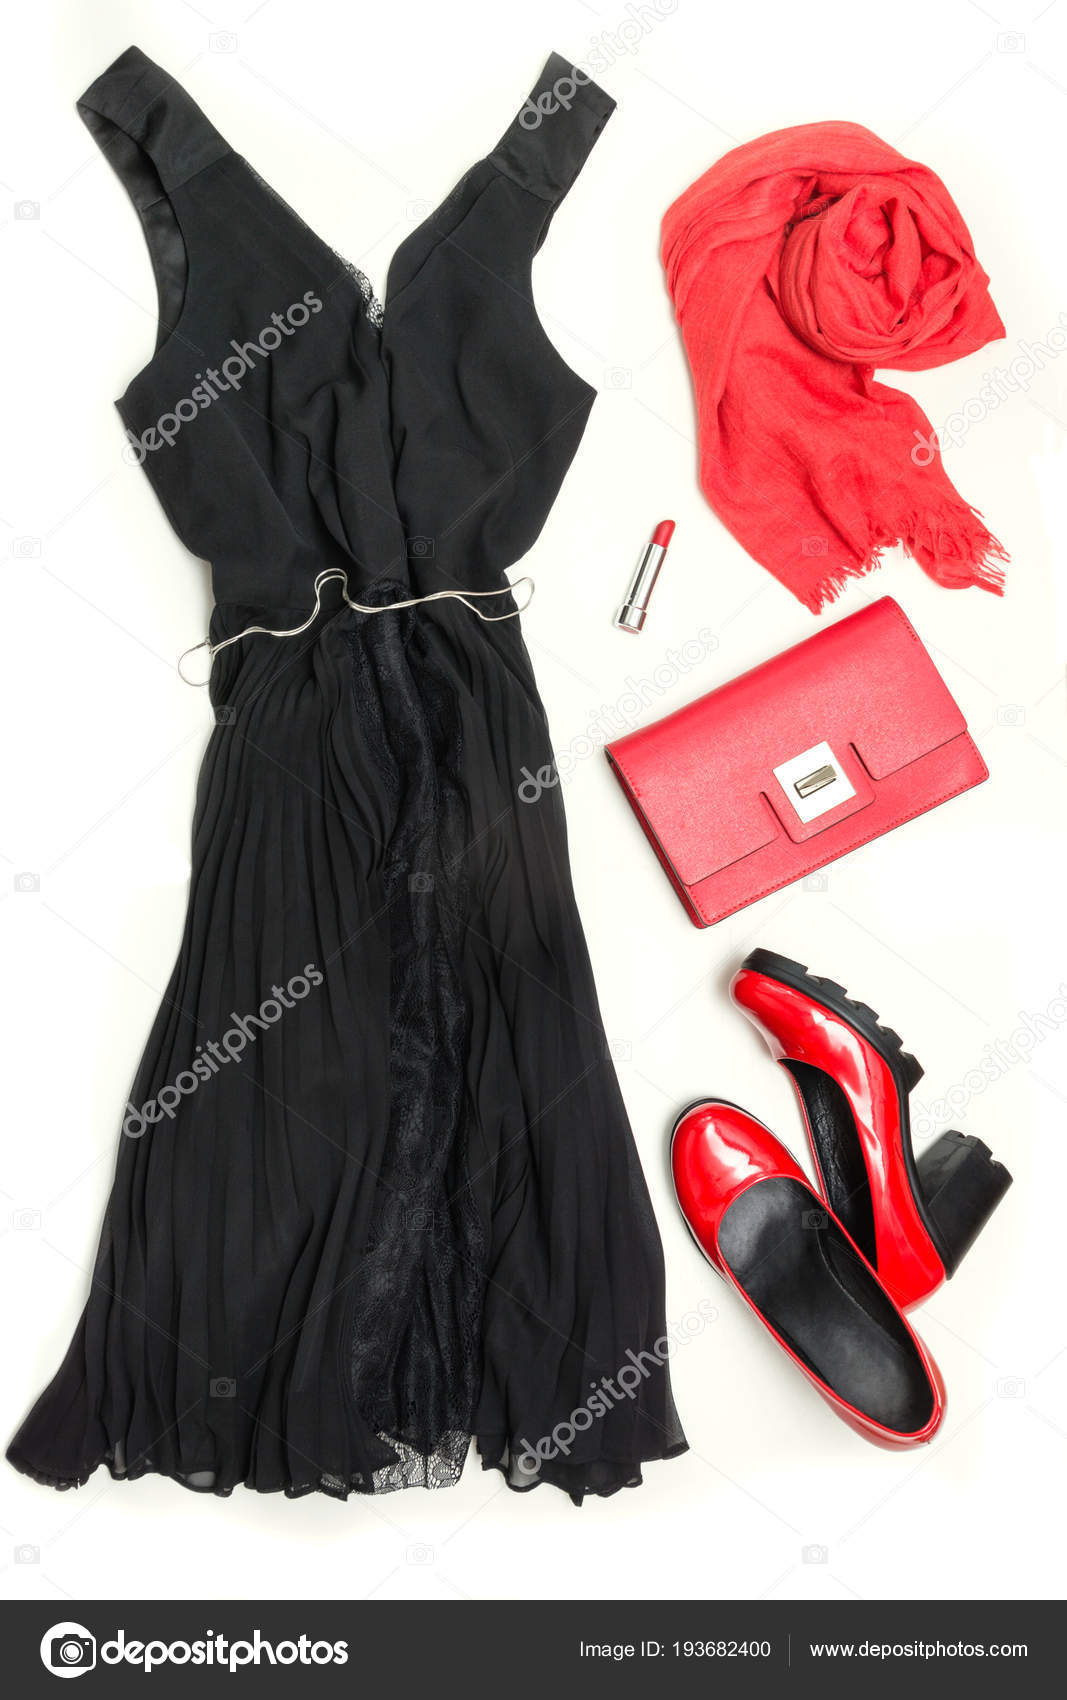 7922b056d1cb Elegantní Dámské malé černé šaty a červené doplňky pro oslavu nebo  dovolené. Rozložení bytu– stock obrázky